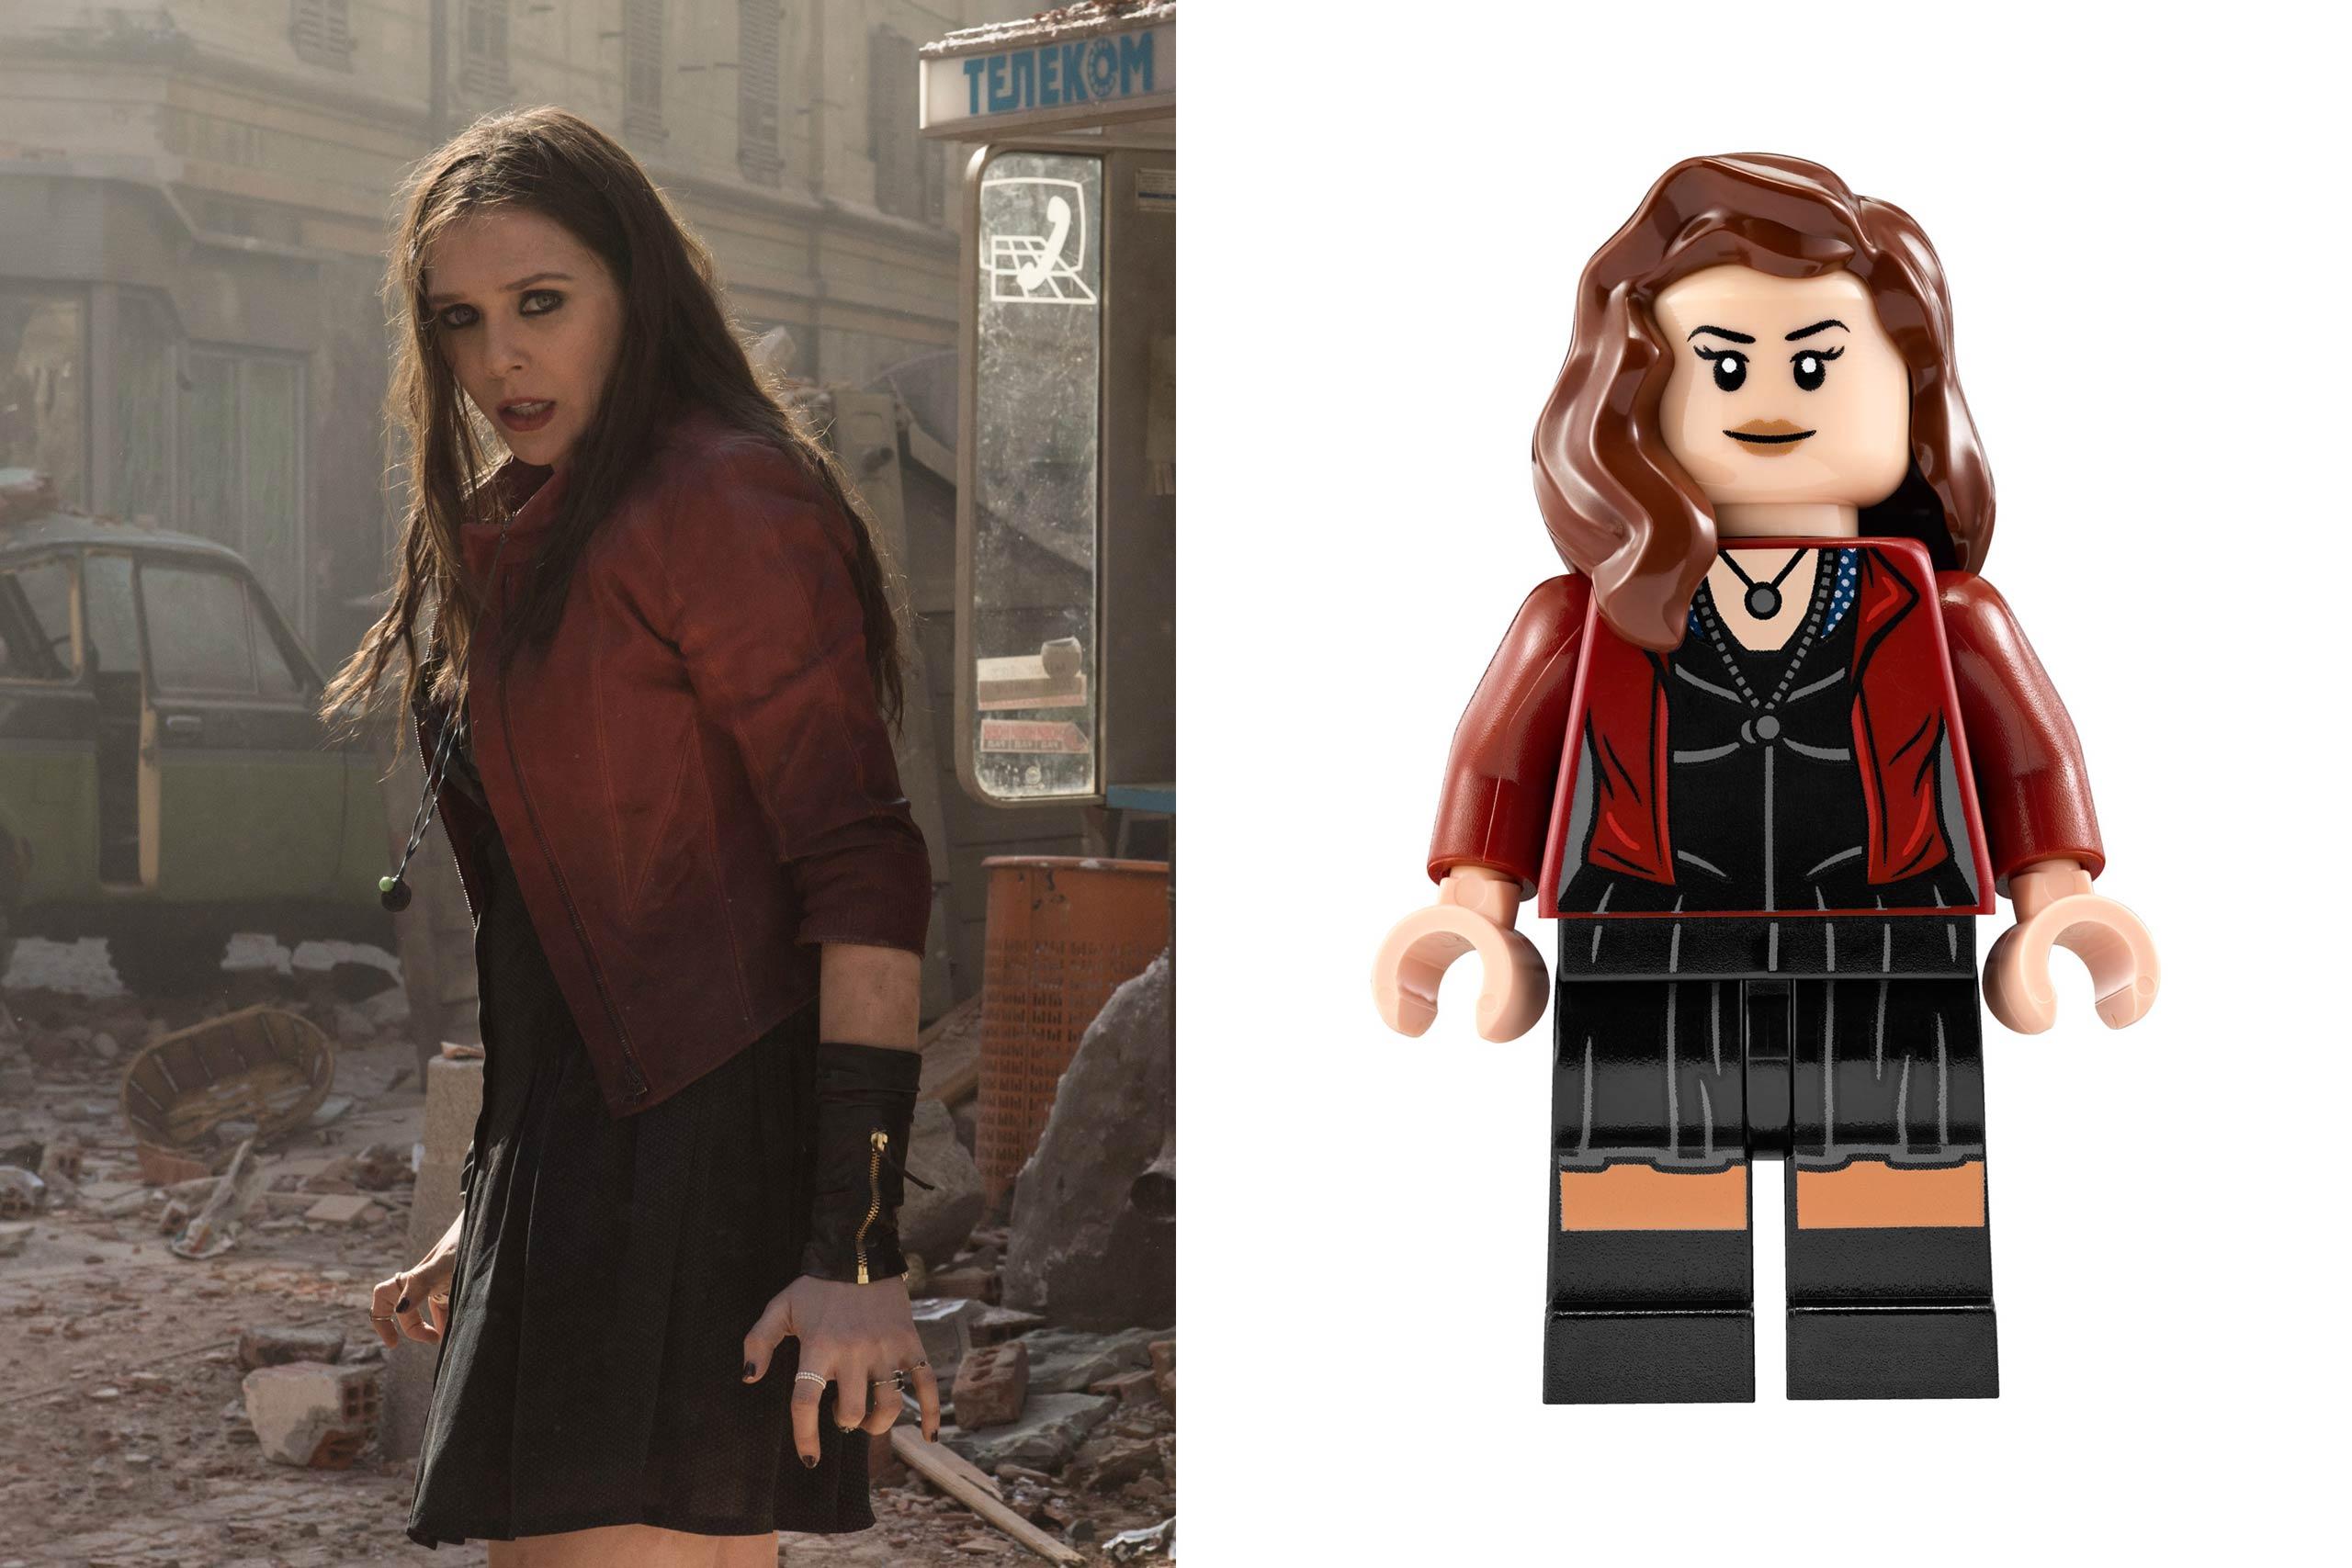 <strong>Elizabeth Olsen: Scarlet Witch</strong>